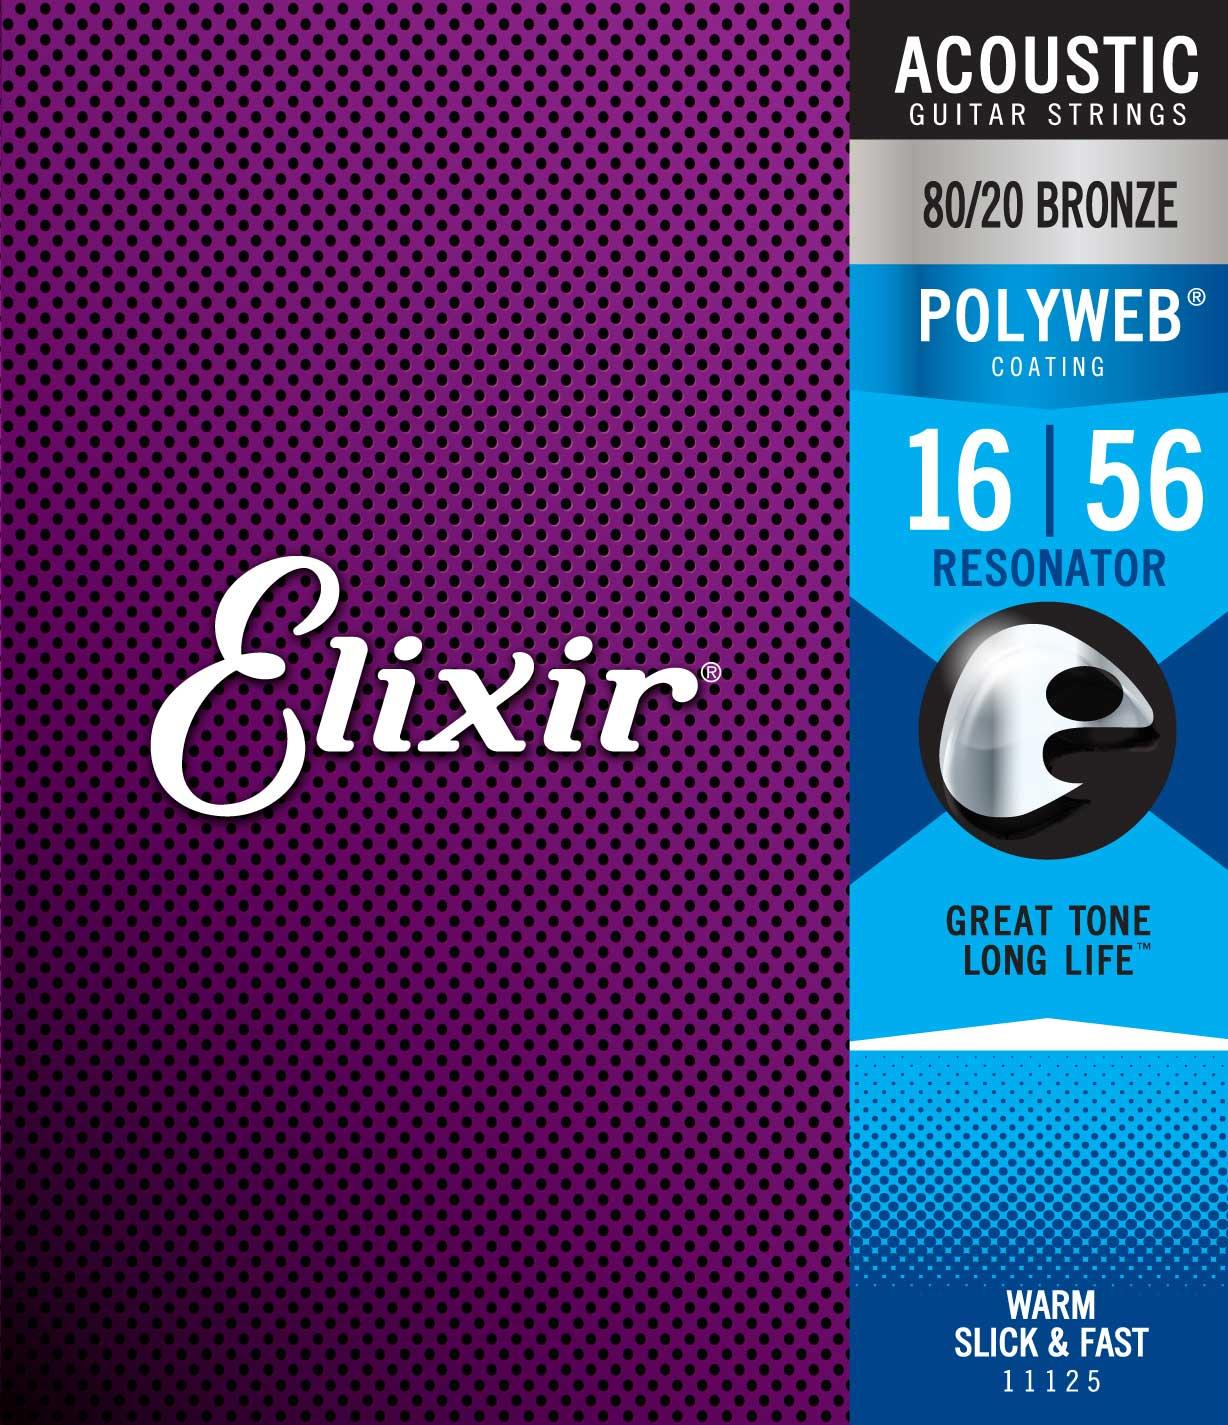 ELIXIR 11125 ACOUSTIC 80/20 BRONZE POLYWEB